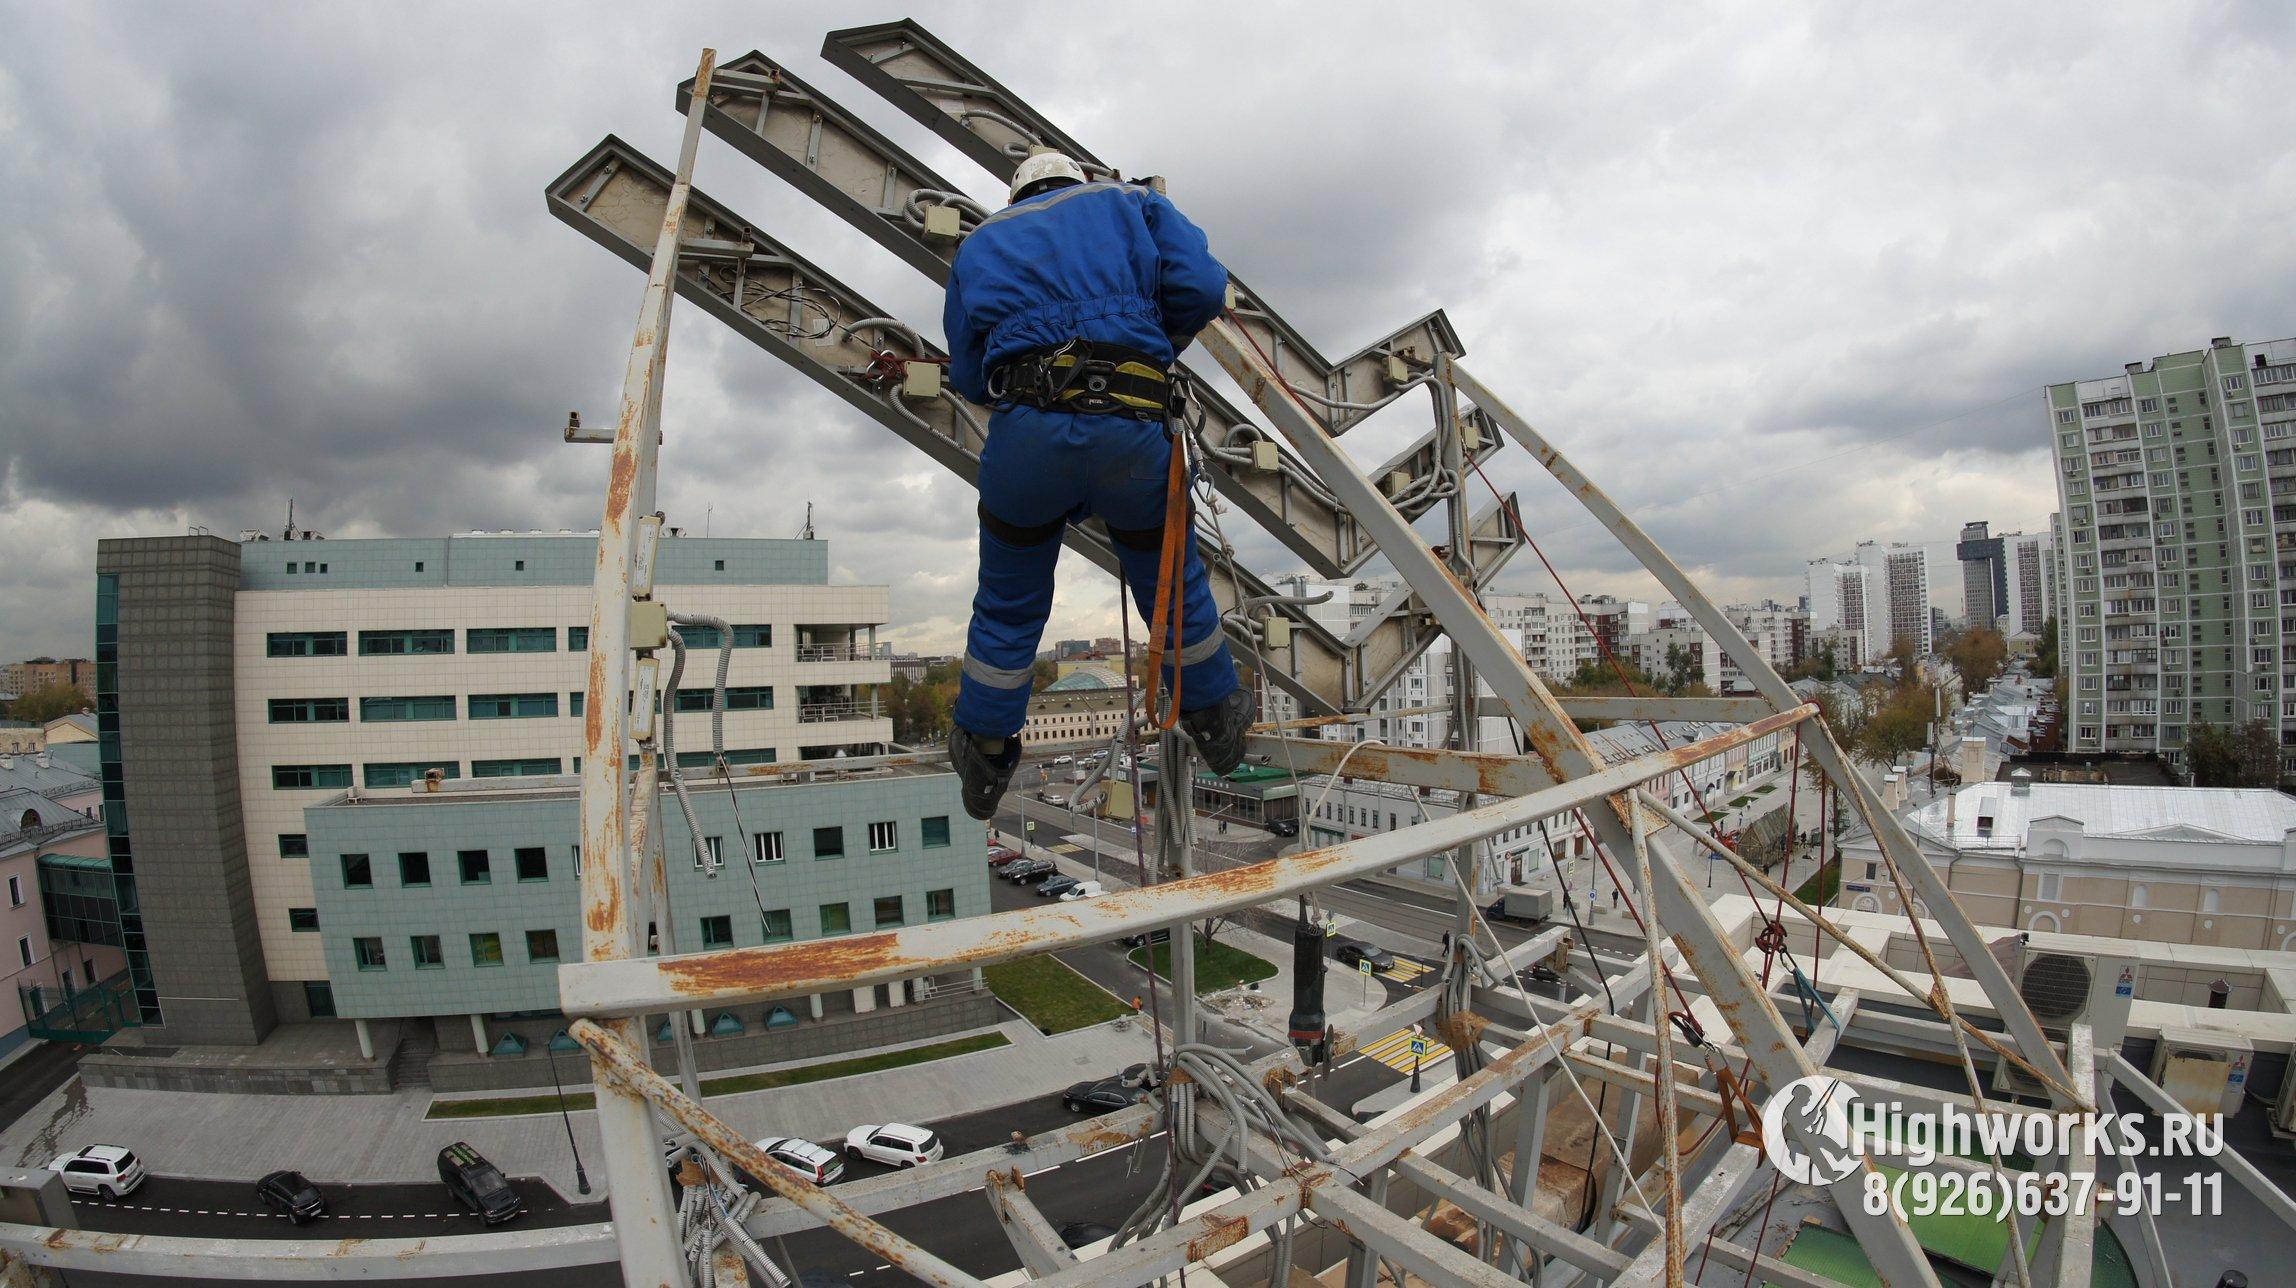 Демонтажные работы промышленными альпинистами